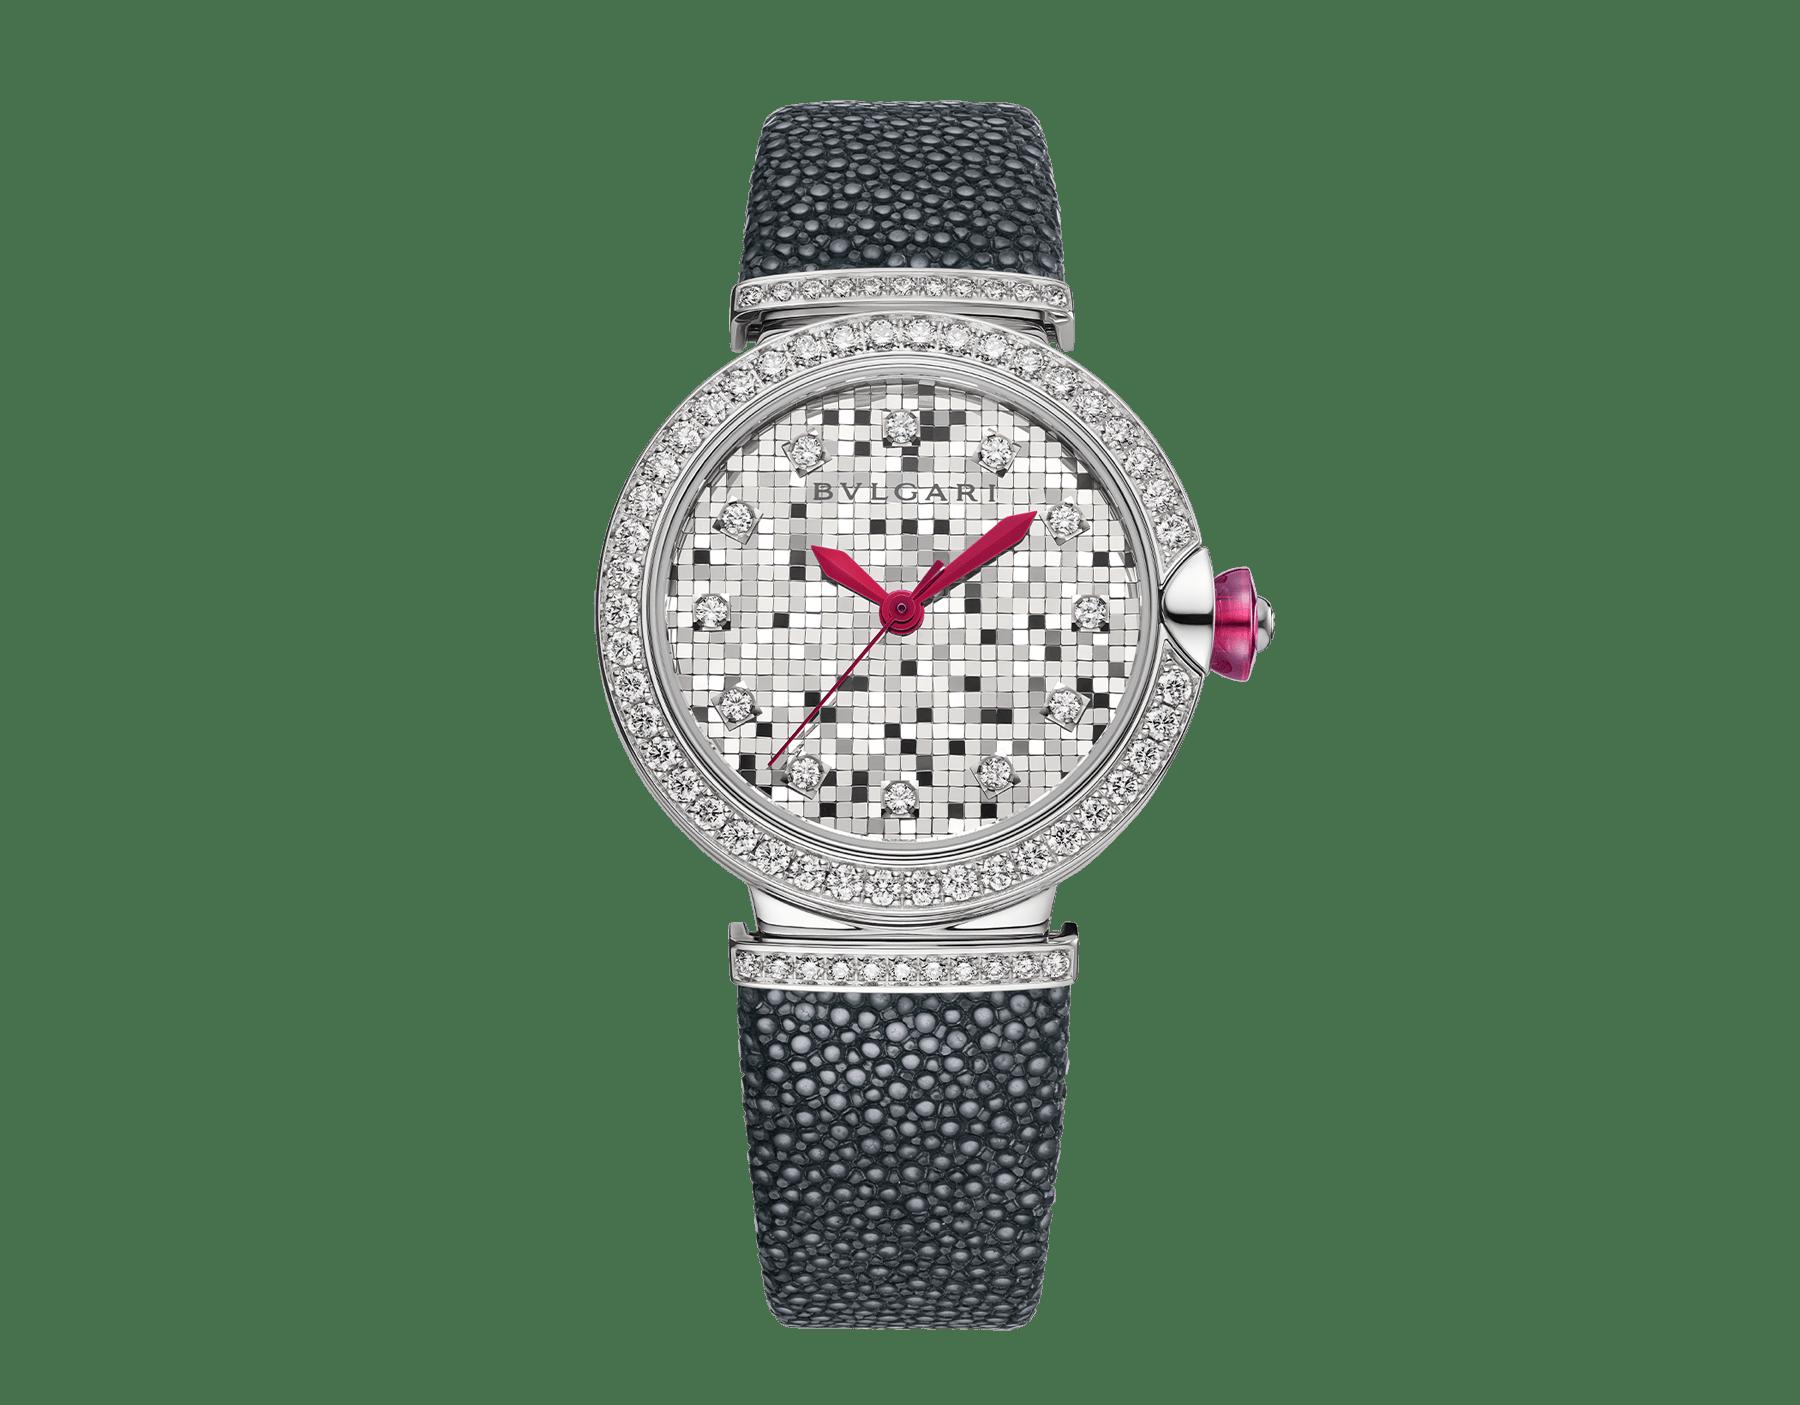 Reloj LVCEA con caja en oro blanco de 18 qt con diamantes engastados, esfera mosaico en oro blanco de 18 qt y correa de galuchat negra. 102830 image 1